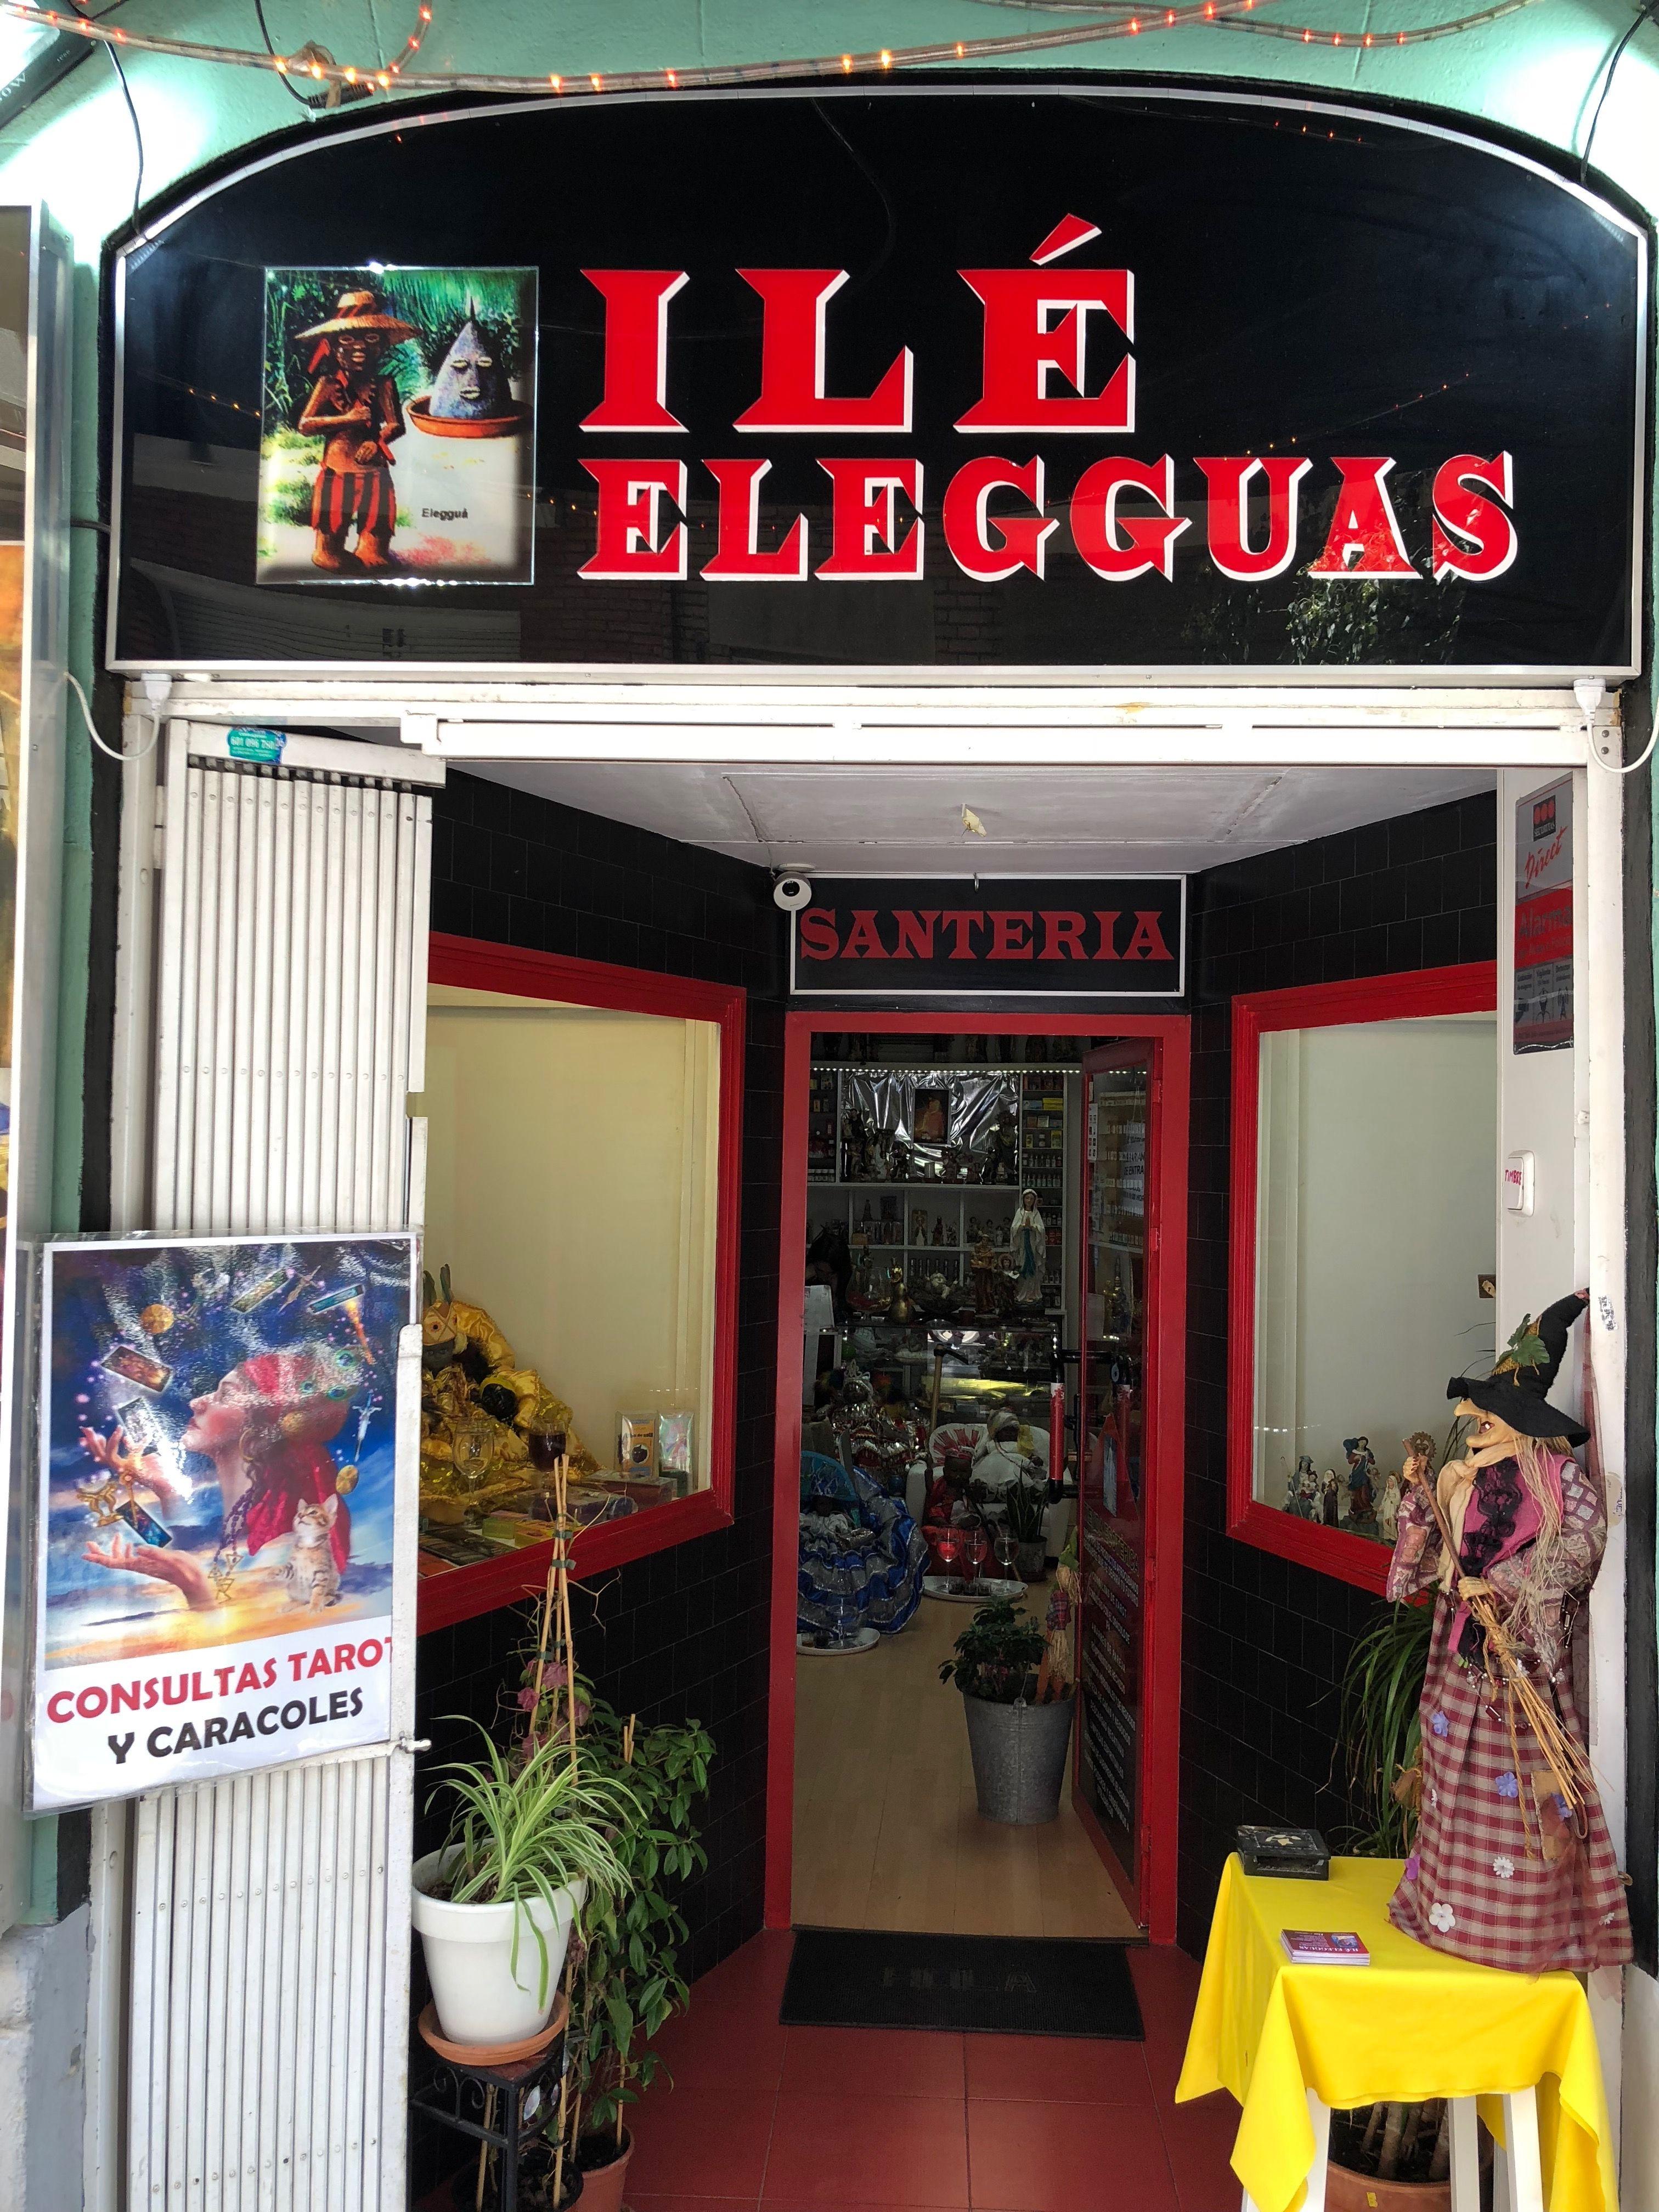 Tienda esotérica: Catálogo de Ilé Elegguas